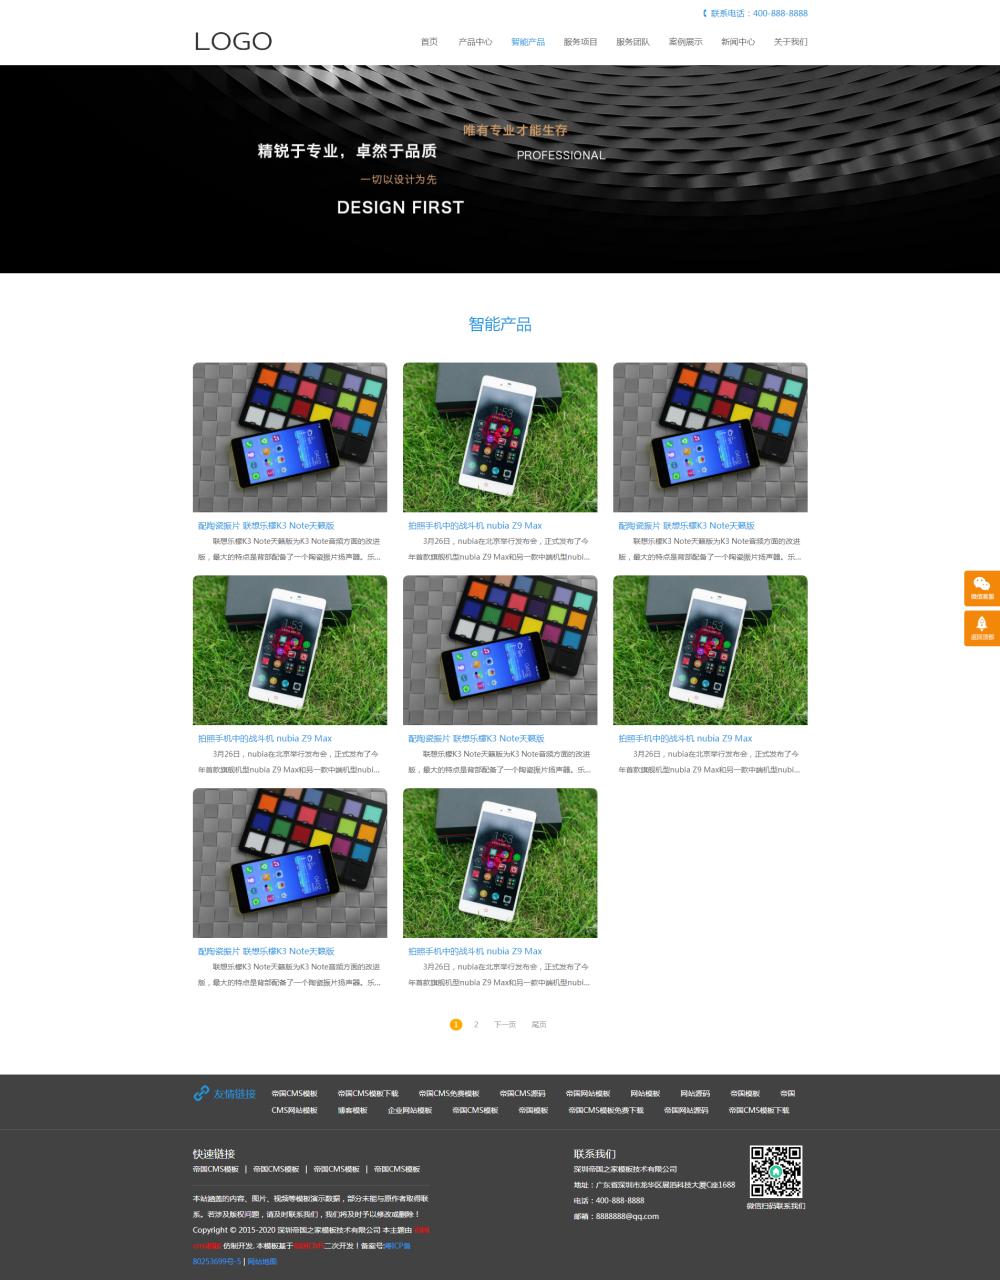 3智能产品.png [DG-0150]响应式企业产品展示帝国cms模板 公司企业产品销售帝国网站模板 企业模板 第3张